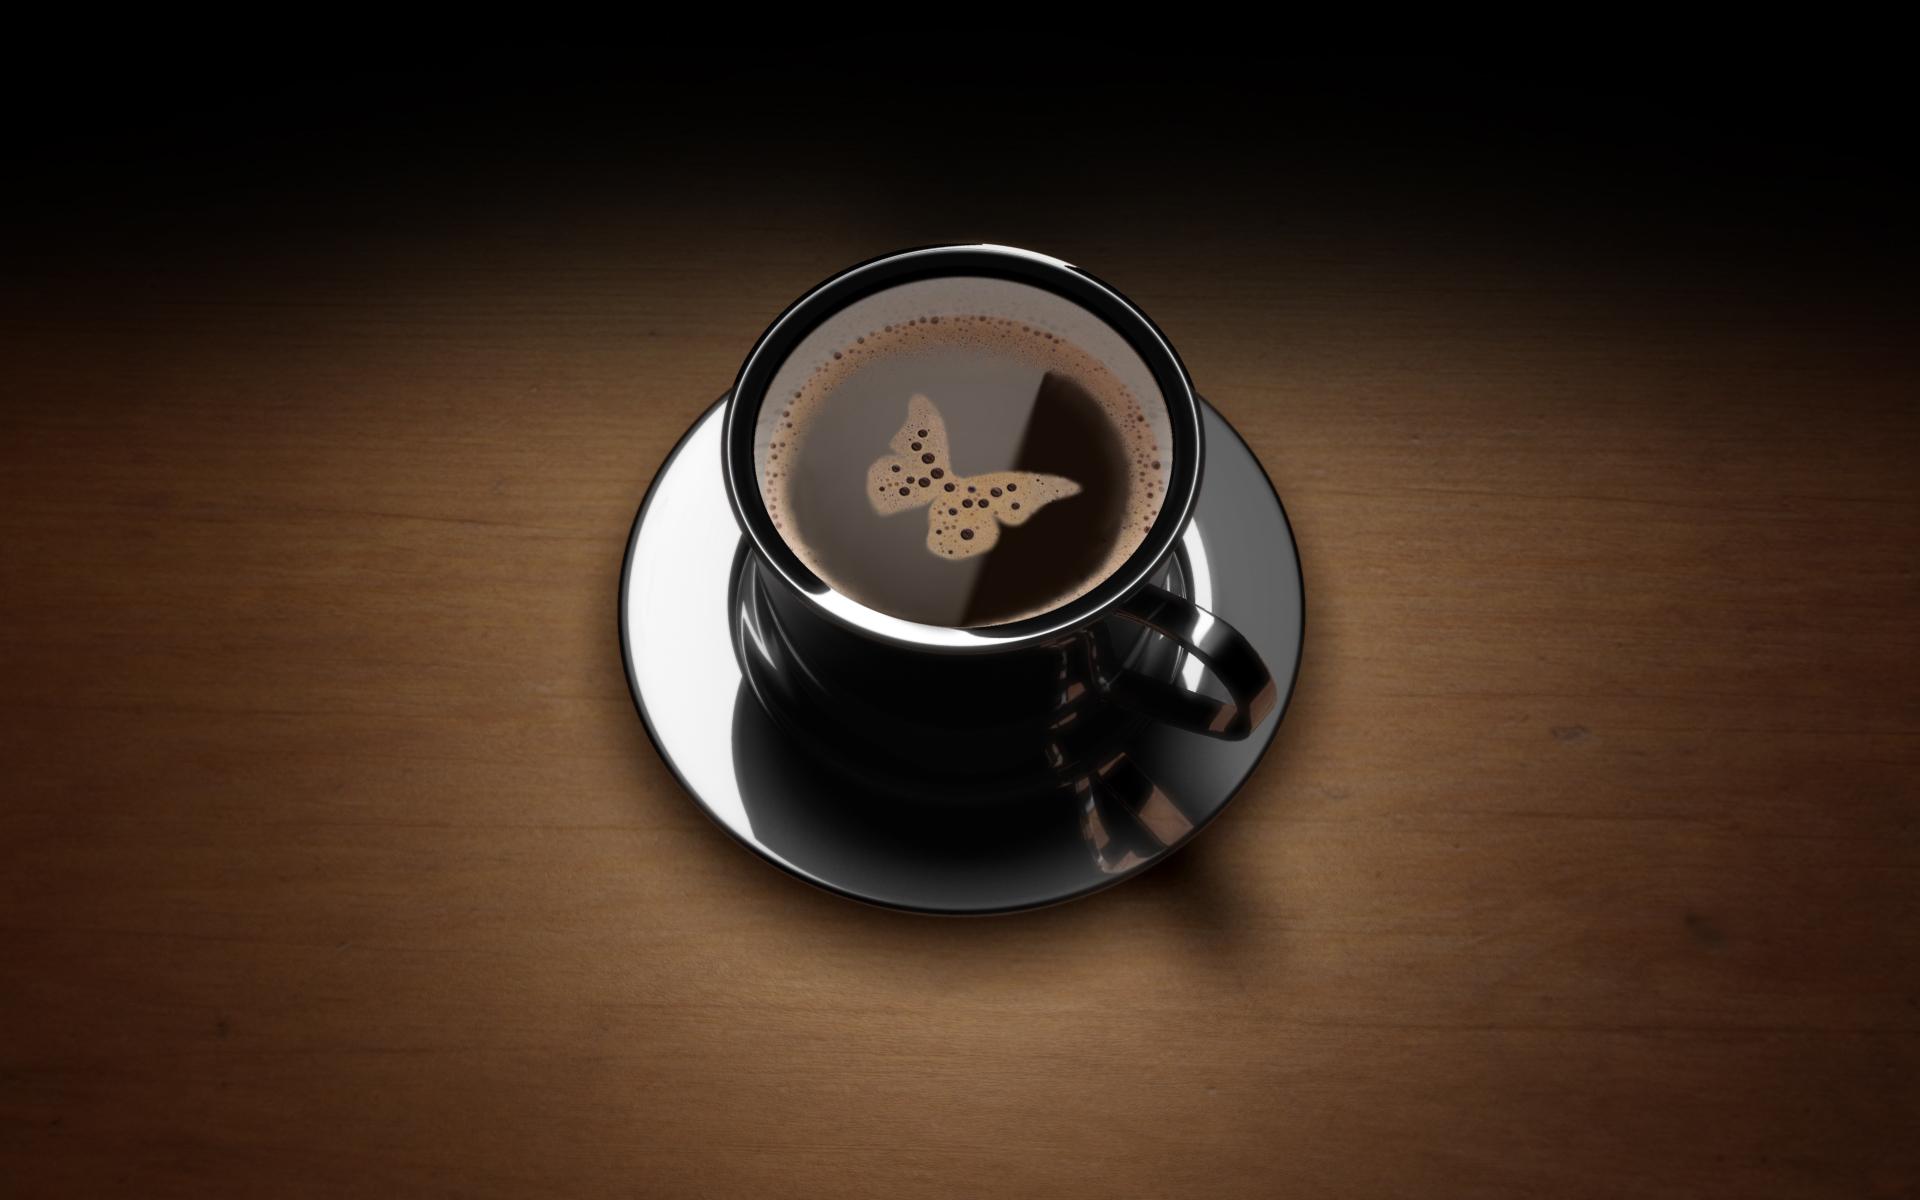 ảnh nền ly cafe tuyệt đẹp